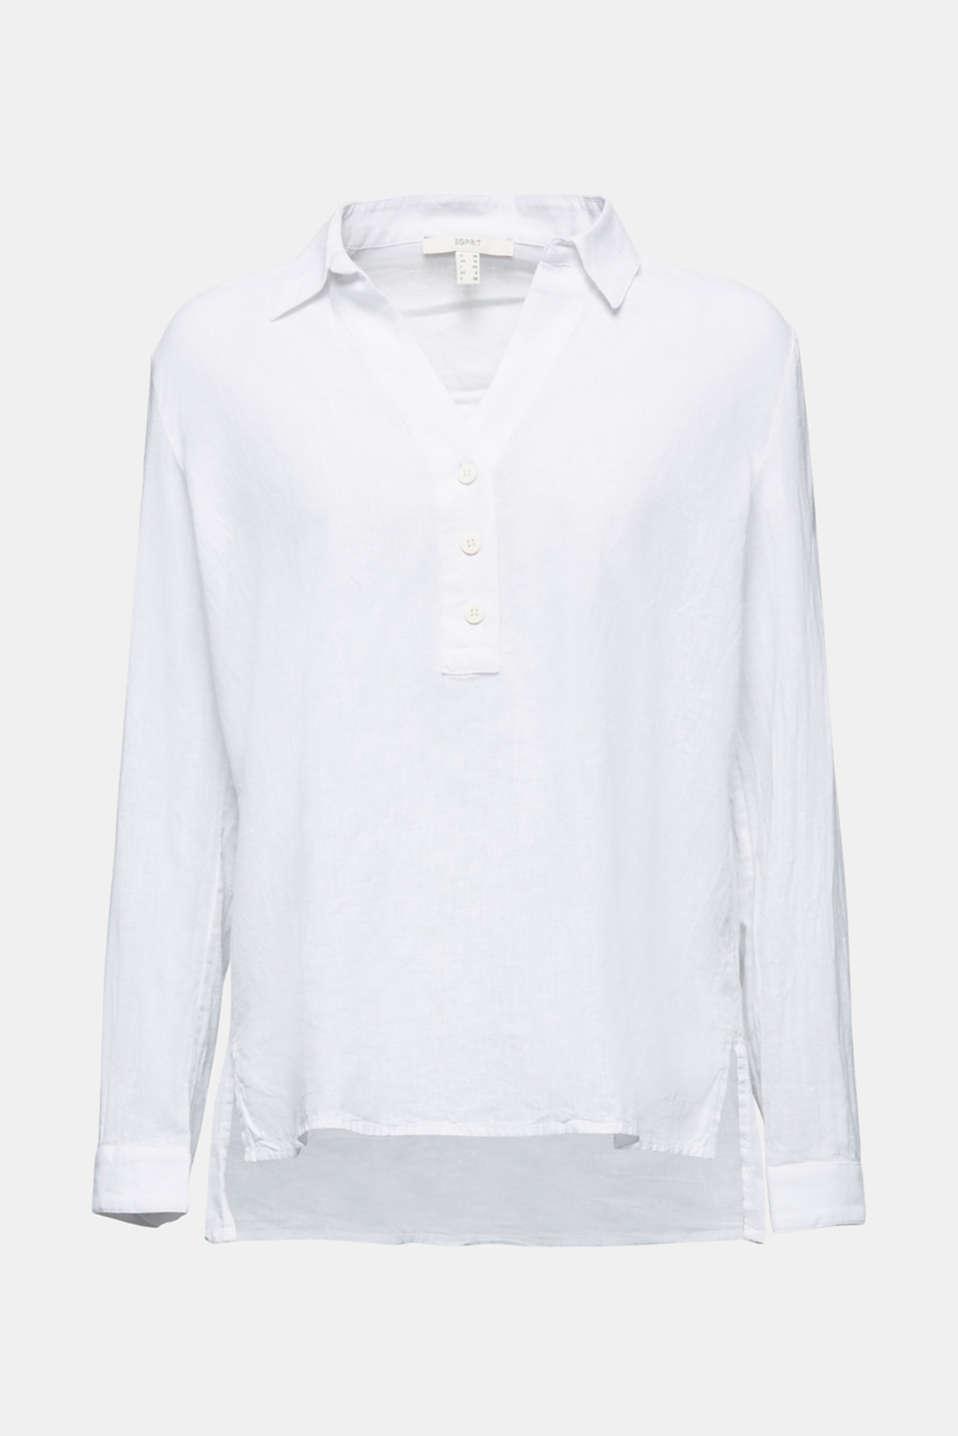 Slip-on blouse in blended linen, WHITE, detail image number 7